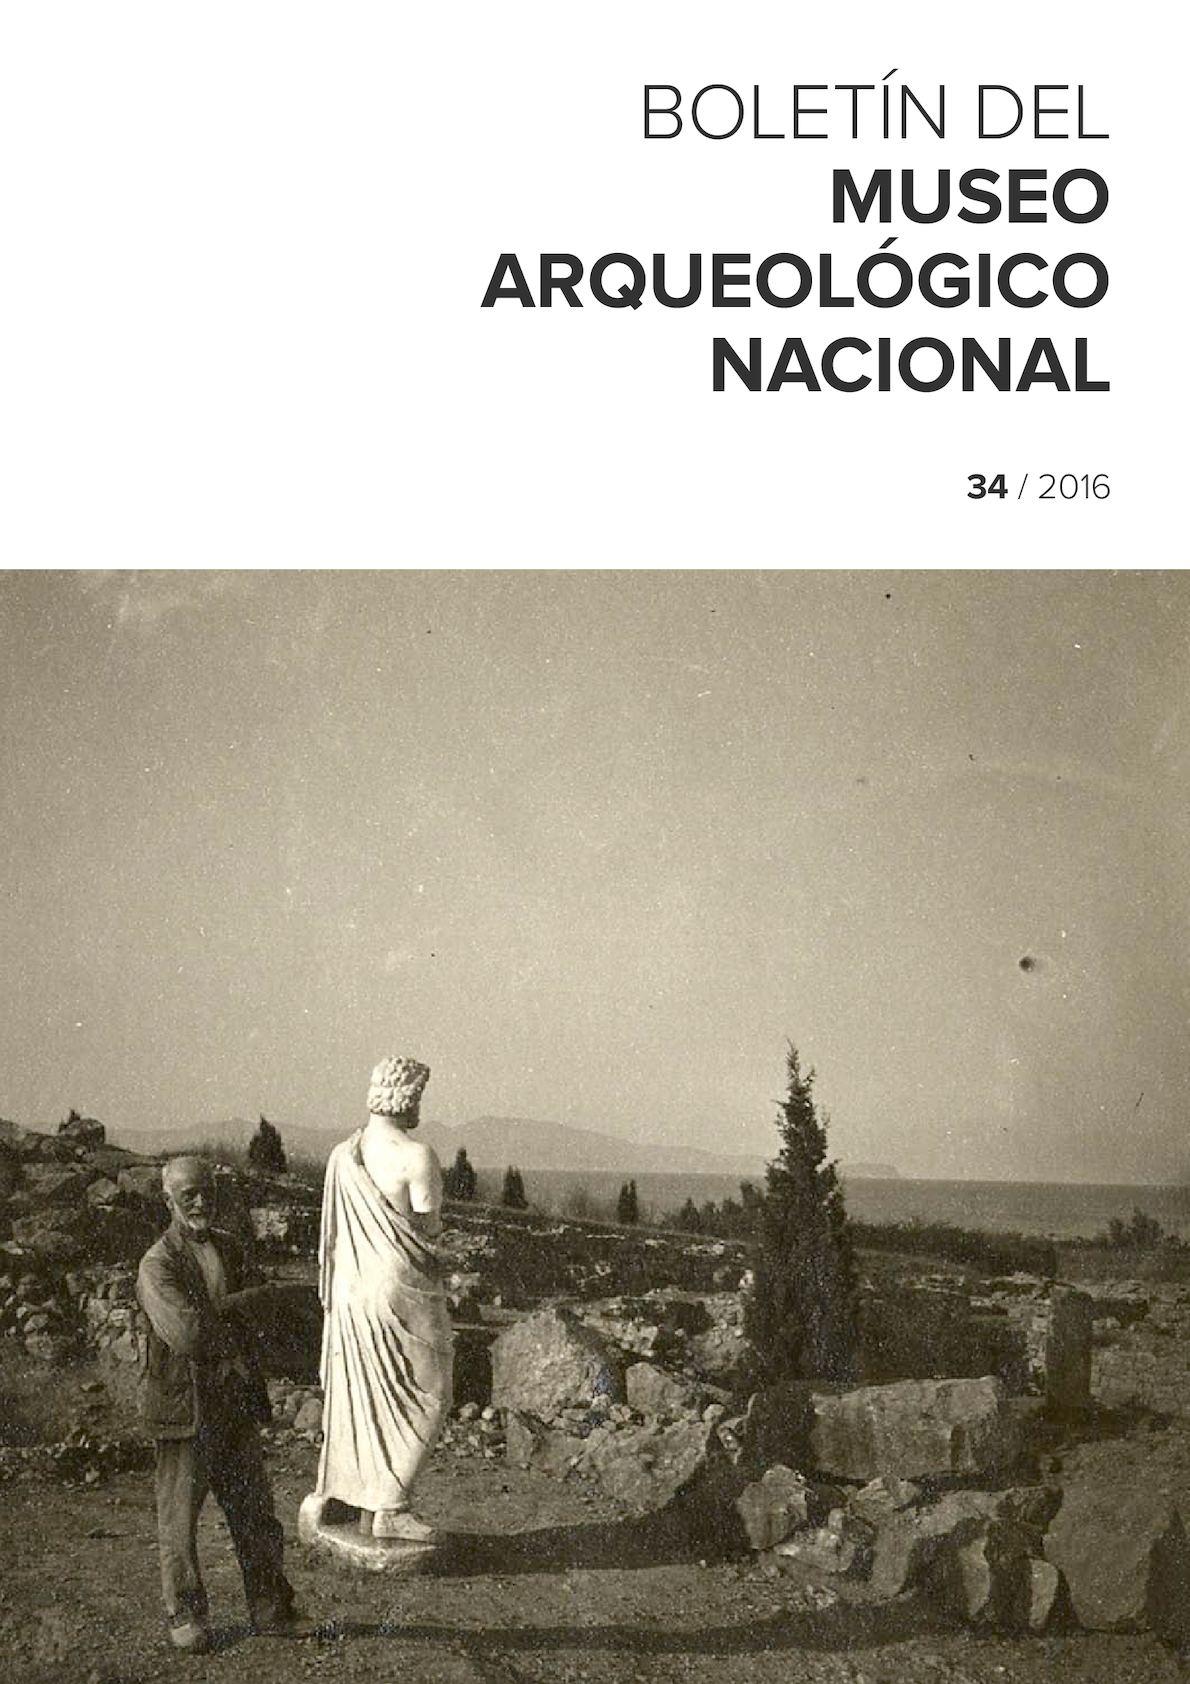 34 Calaméo Del 2016 Nacional Arqueológico Museo Boletín Nº qpGSUzMV